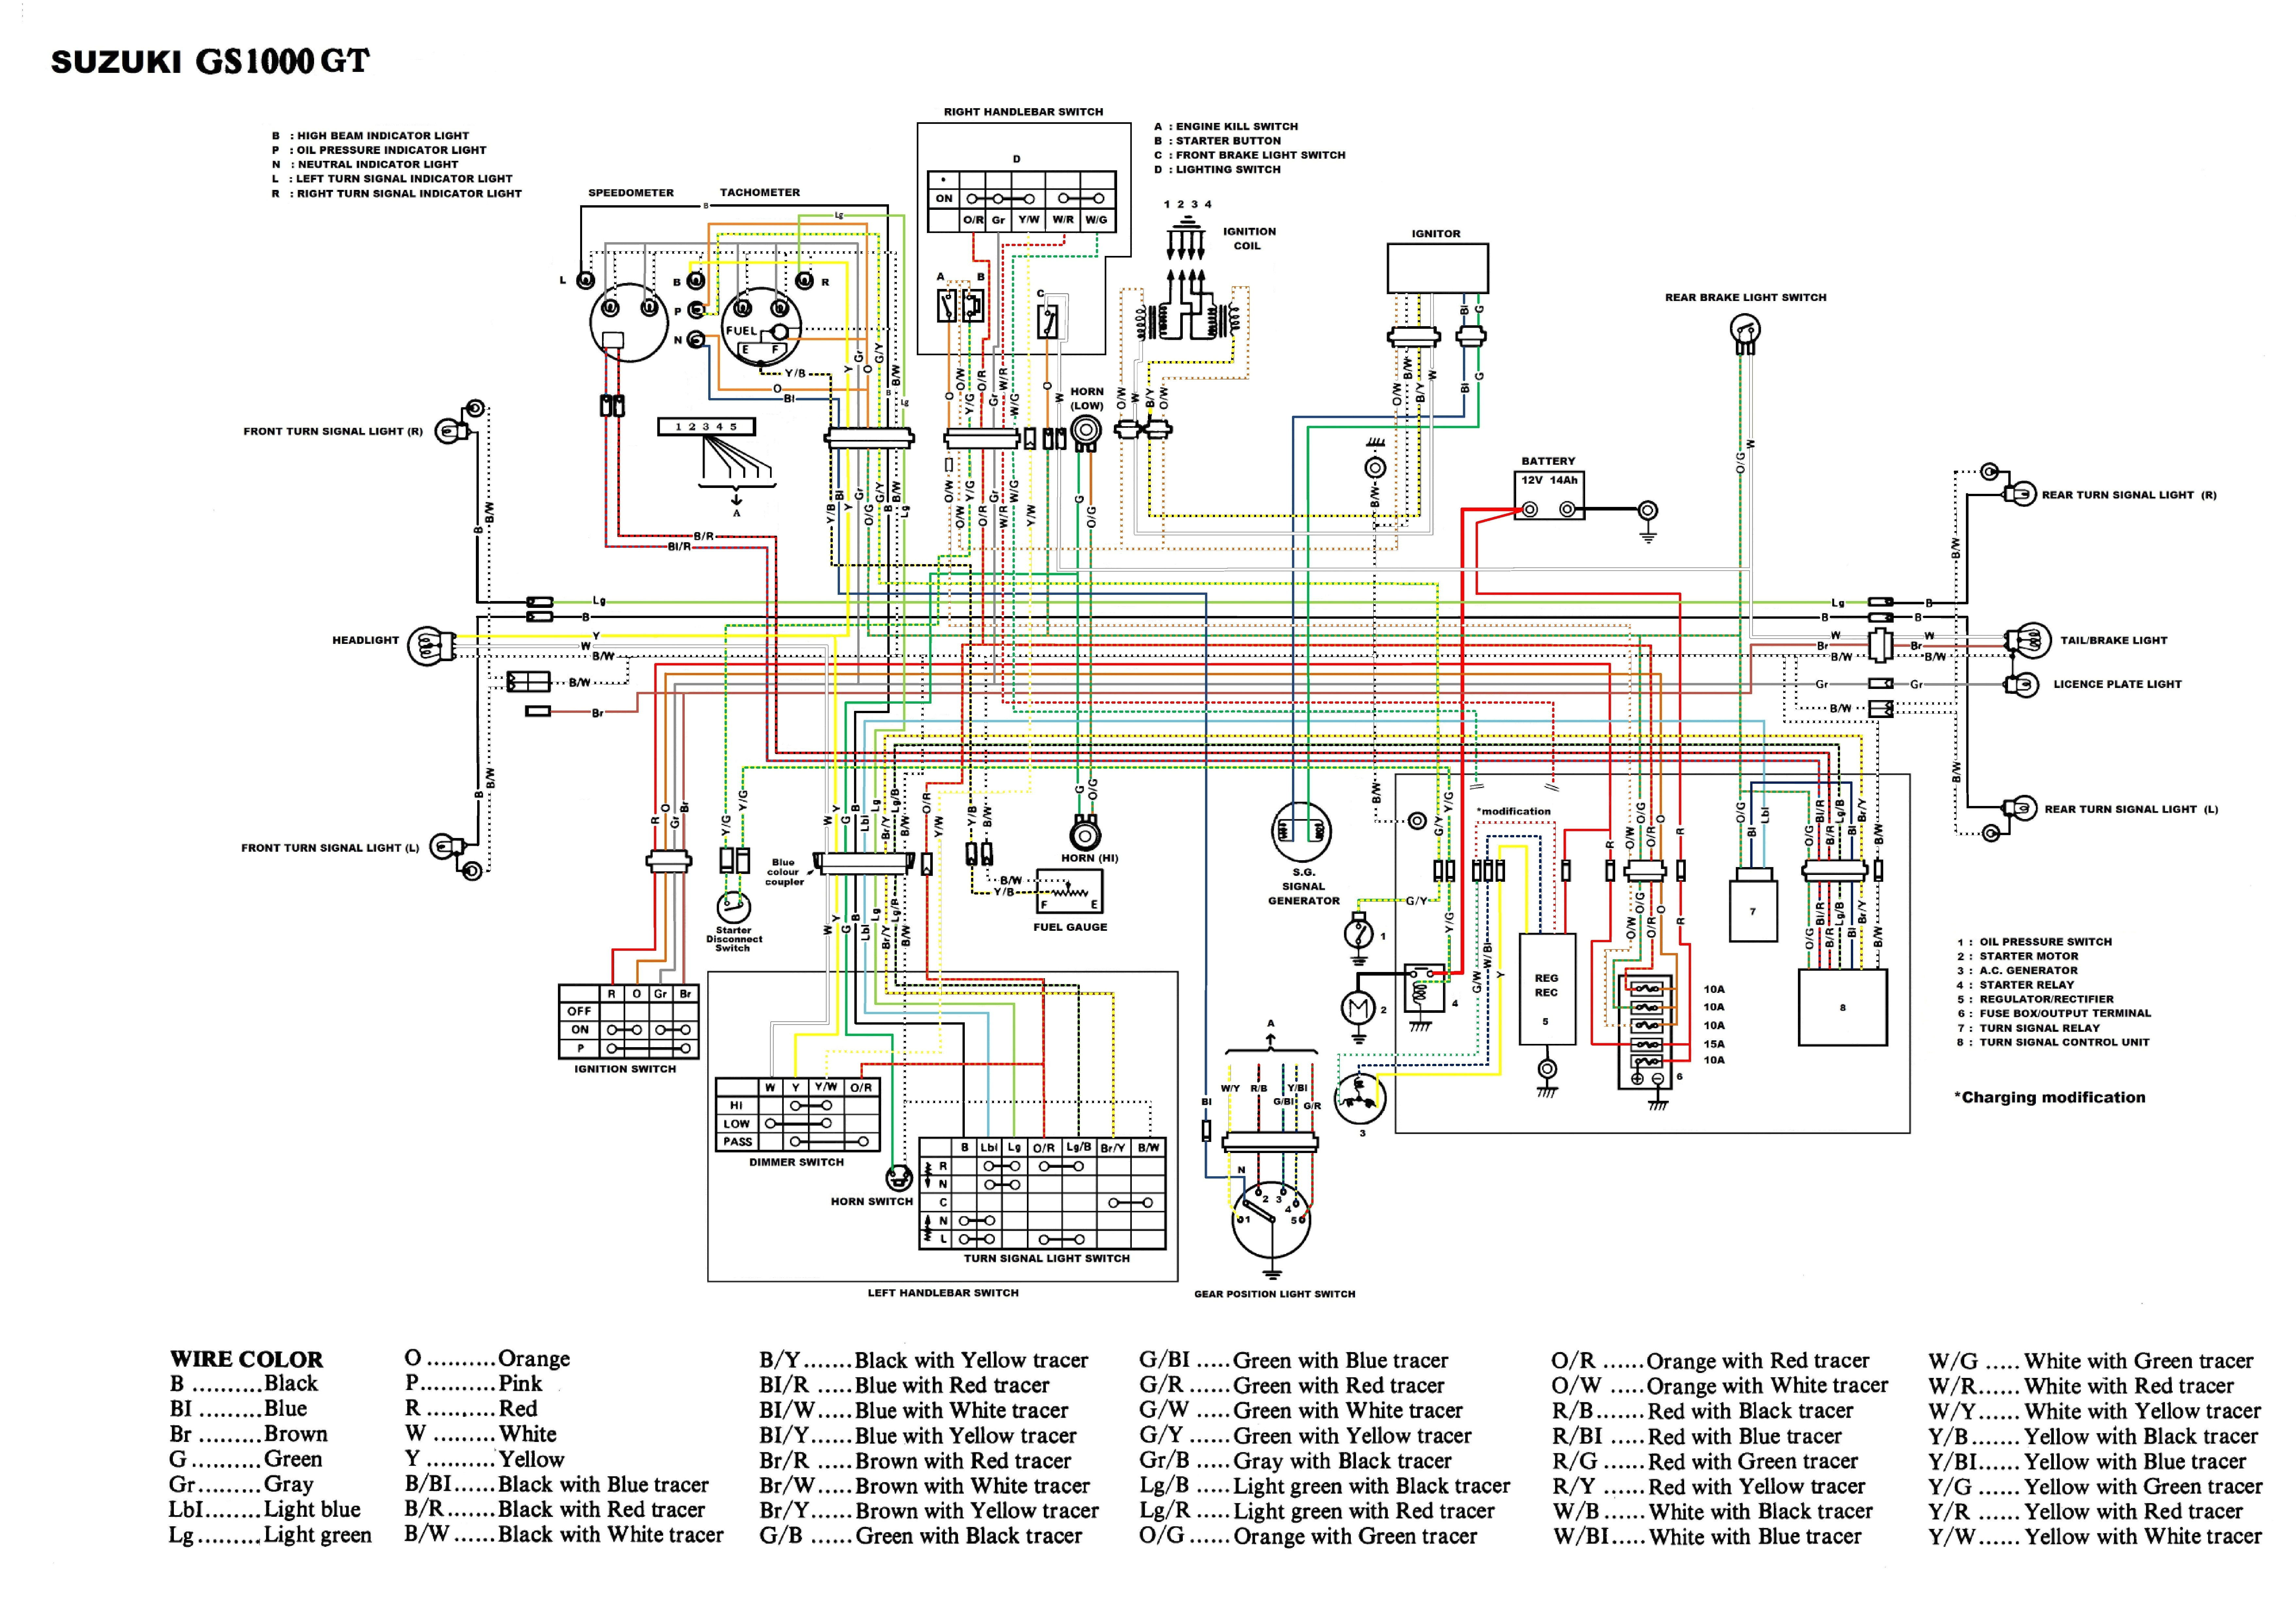 suzuki wiring harness diagram wiring diagram megasuzuki wiring harness diagram wiring diagrams konsult suzuki rf900r wiring